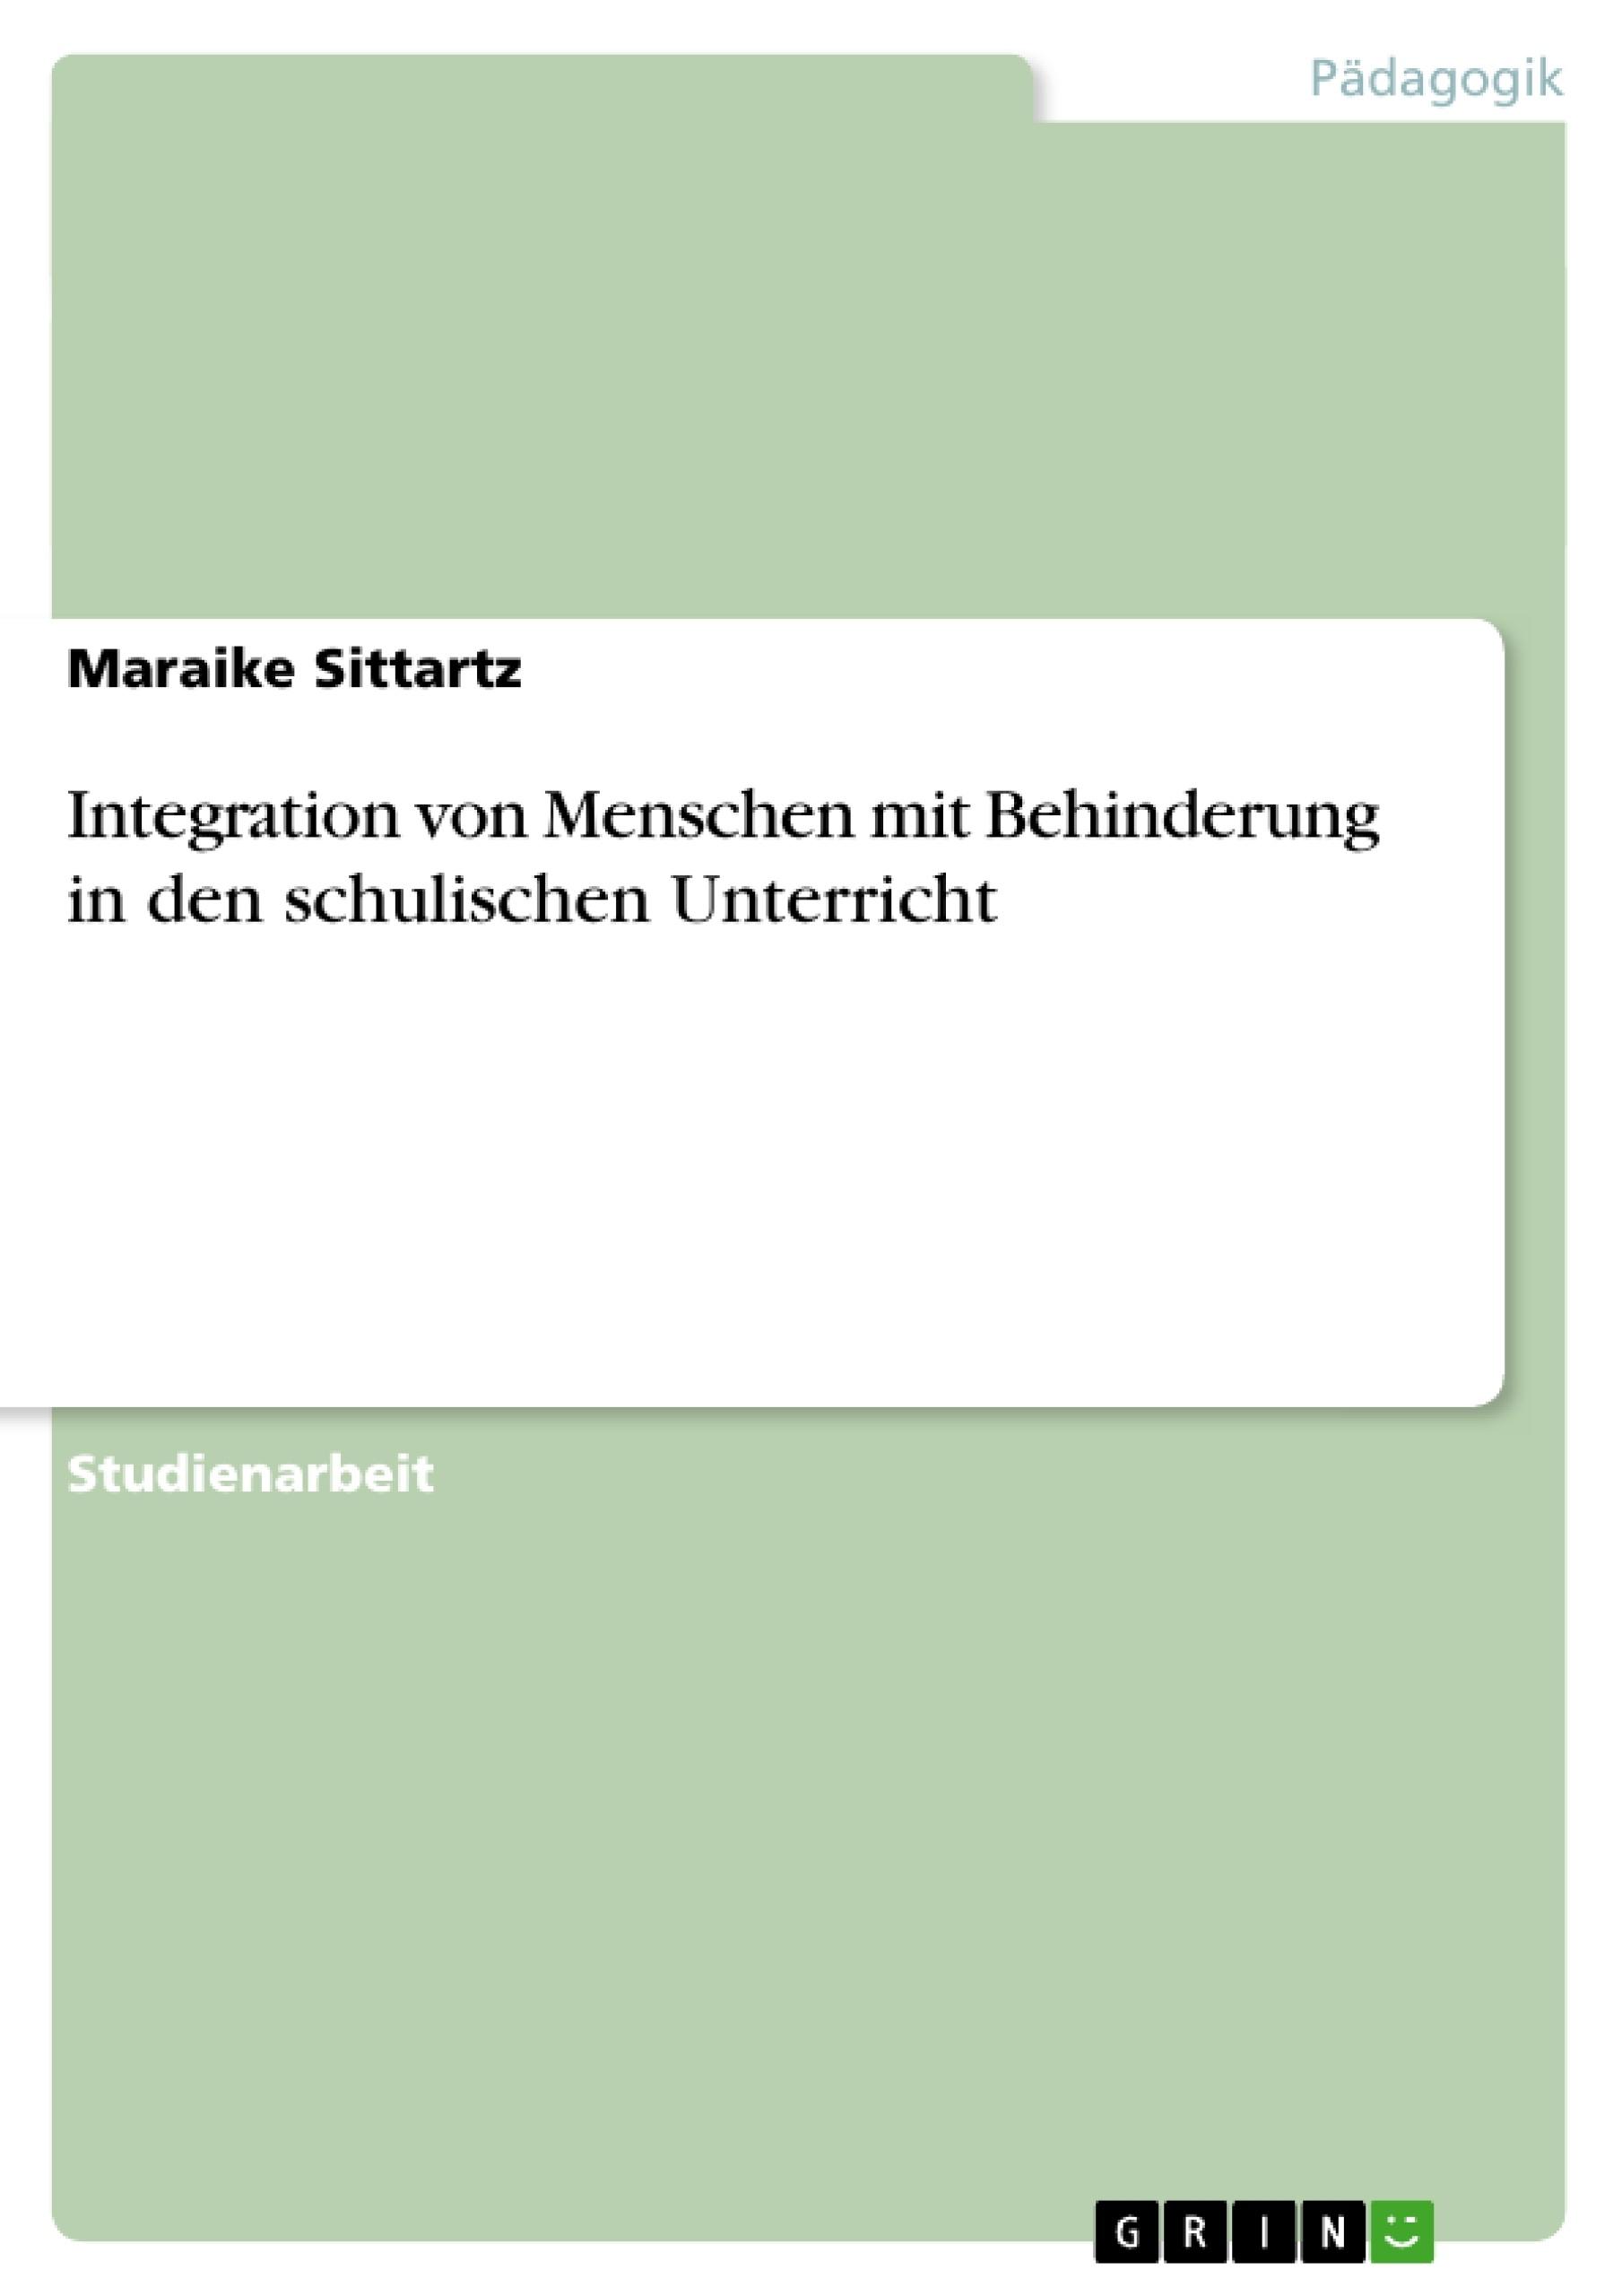 Titel: Integration von Menschen mit Behinderung in den schulischen Unterricht